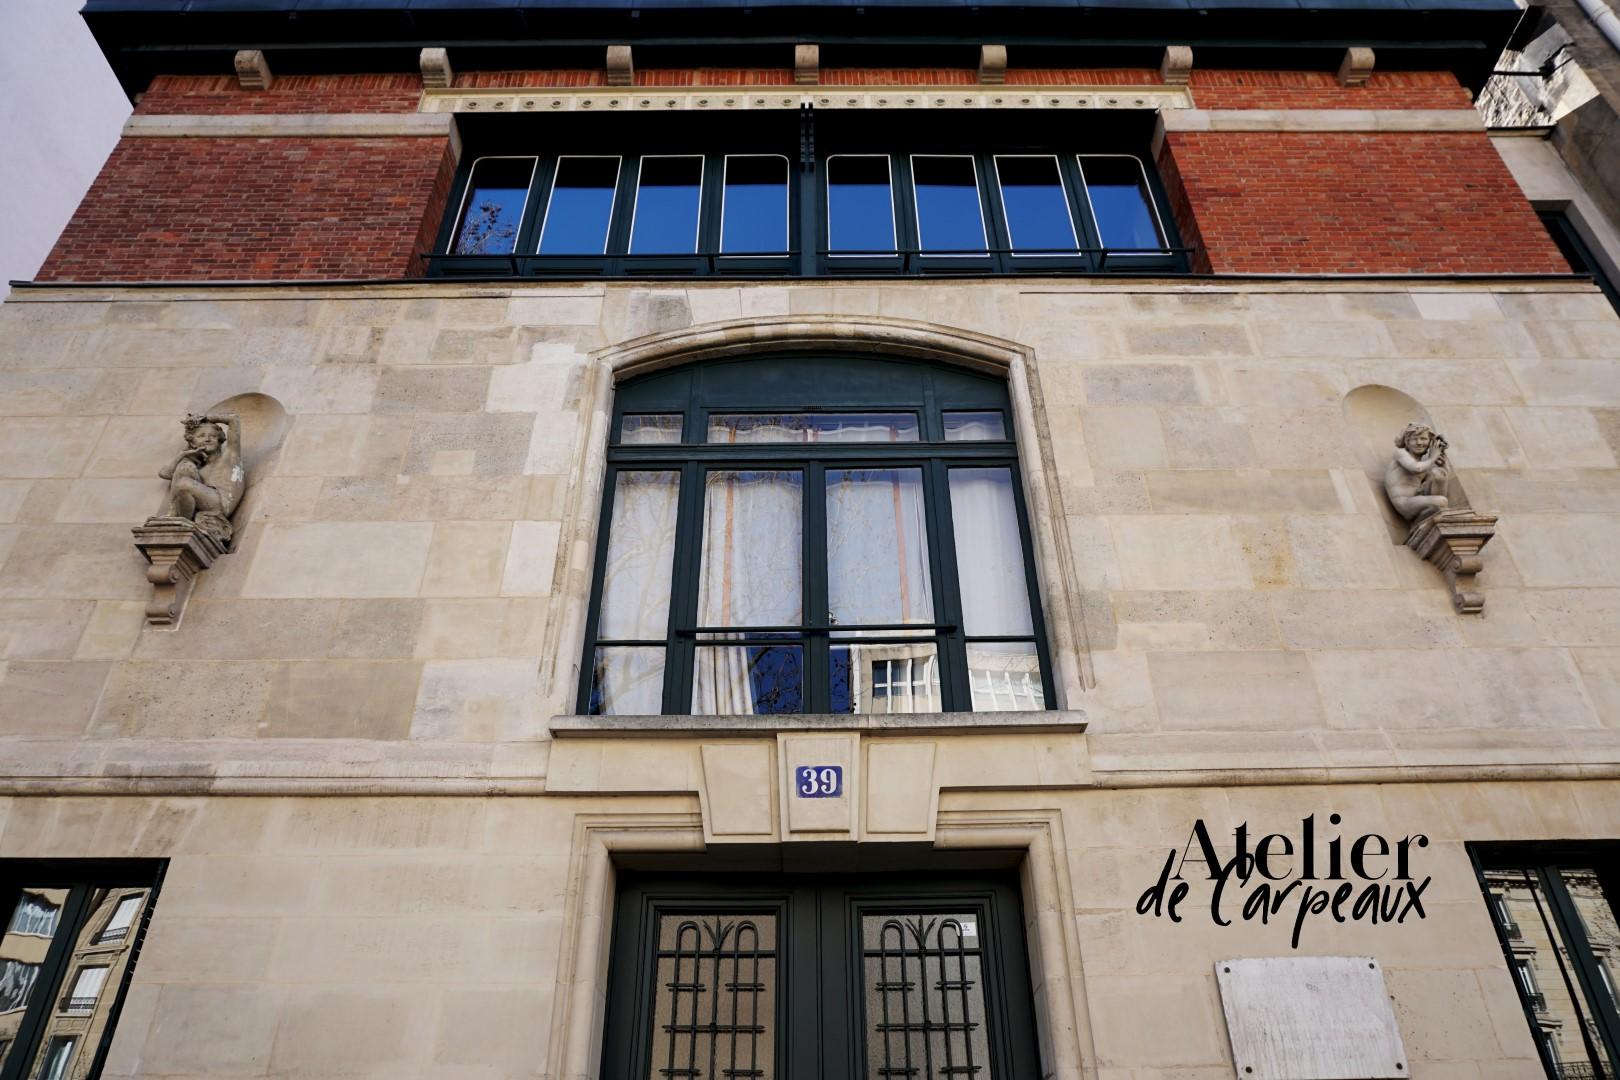 Balade dans le 16e, voies privées et art nouveau - Atelier de Jean Baptiste Carpeaux, Hector Guimard